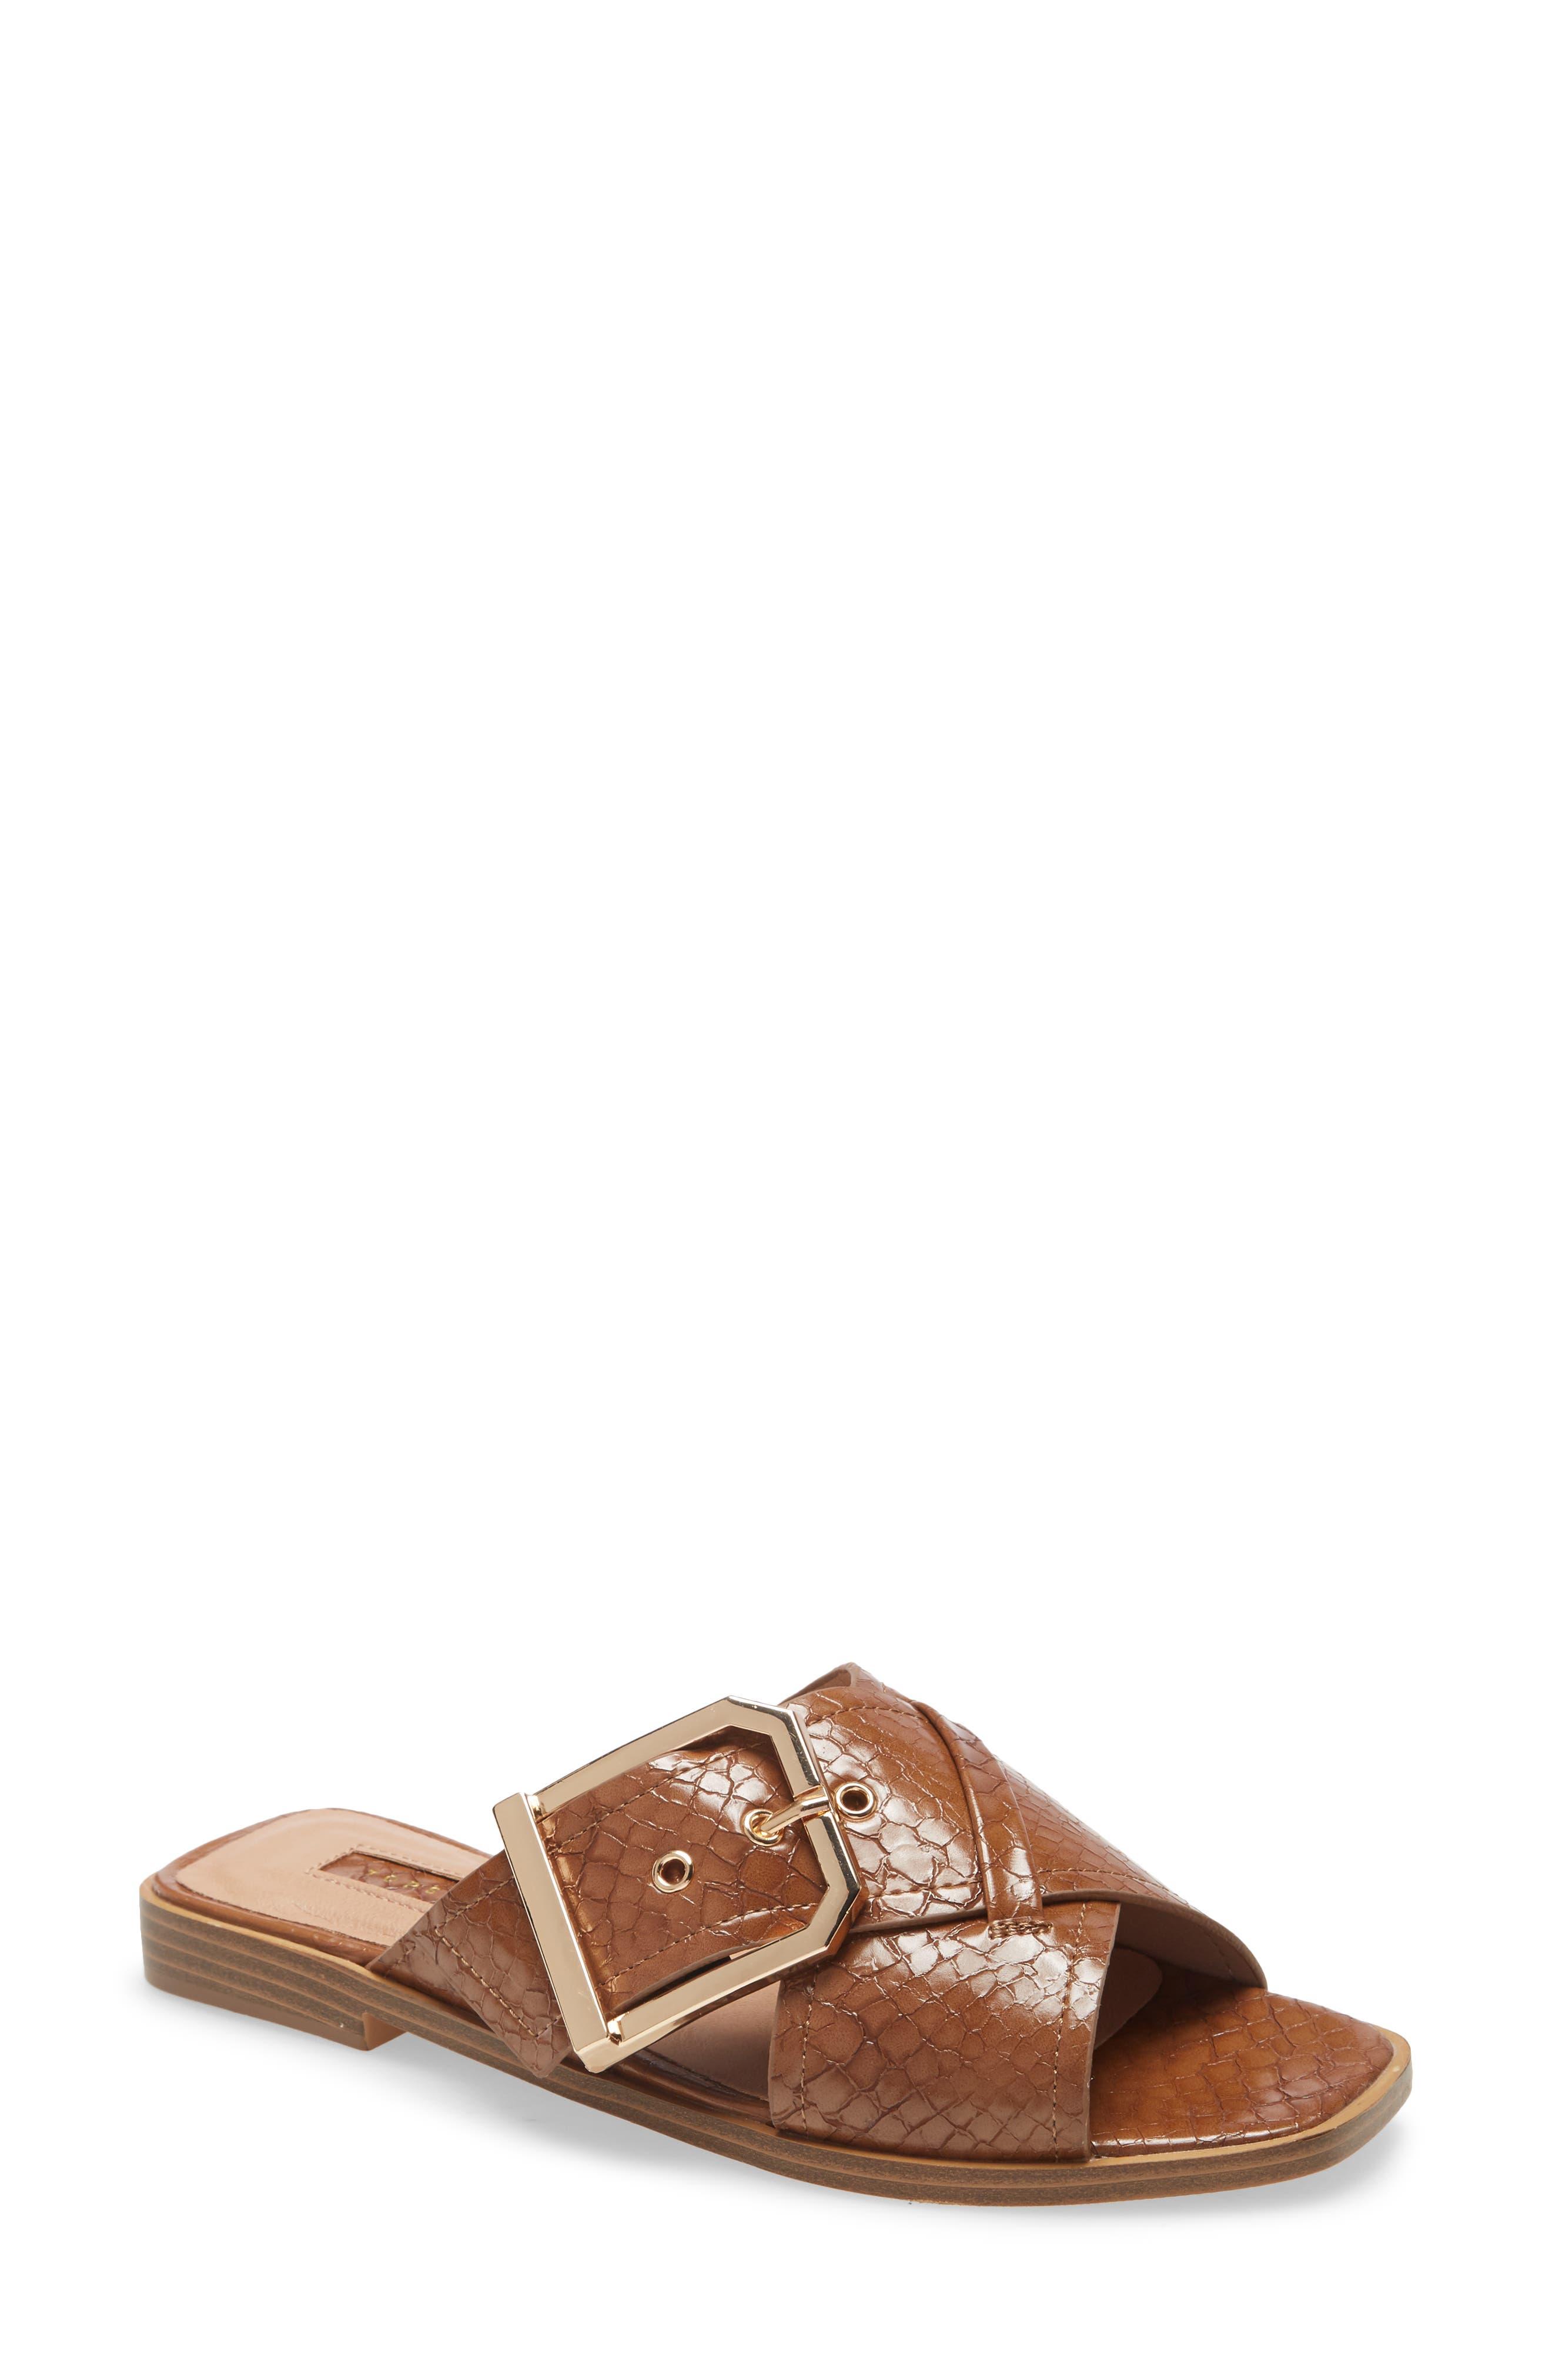 Women's Sandals and Flip-Flops | Nordstrom